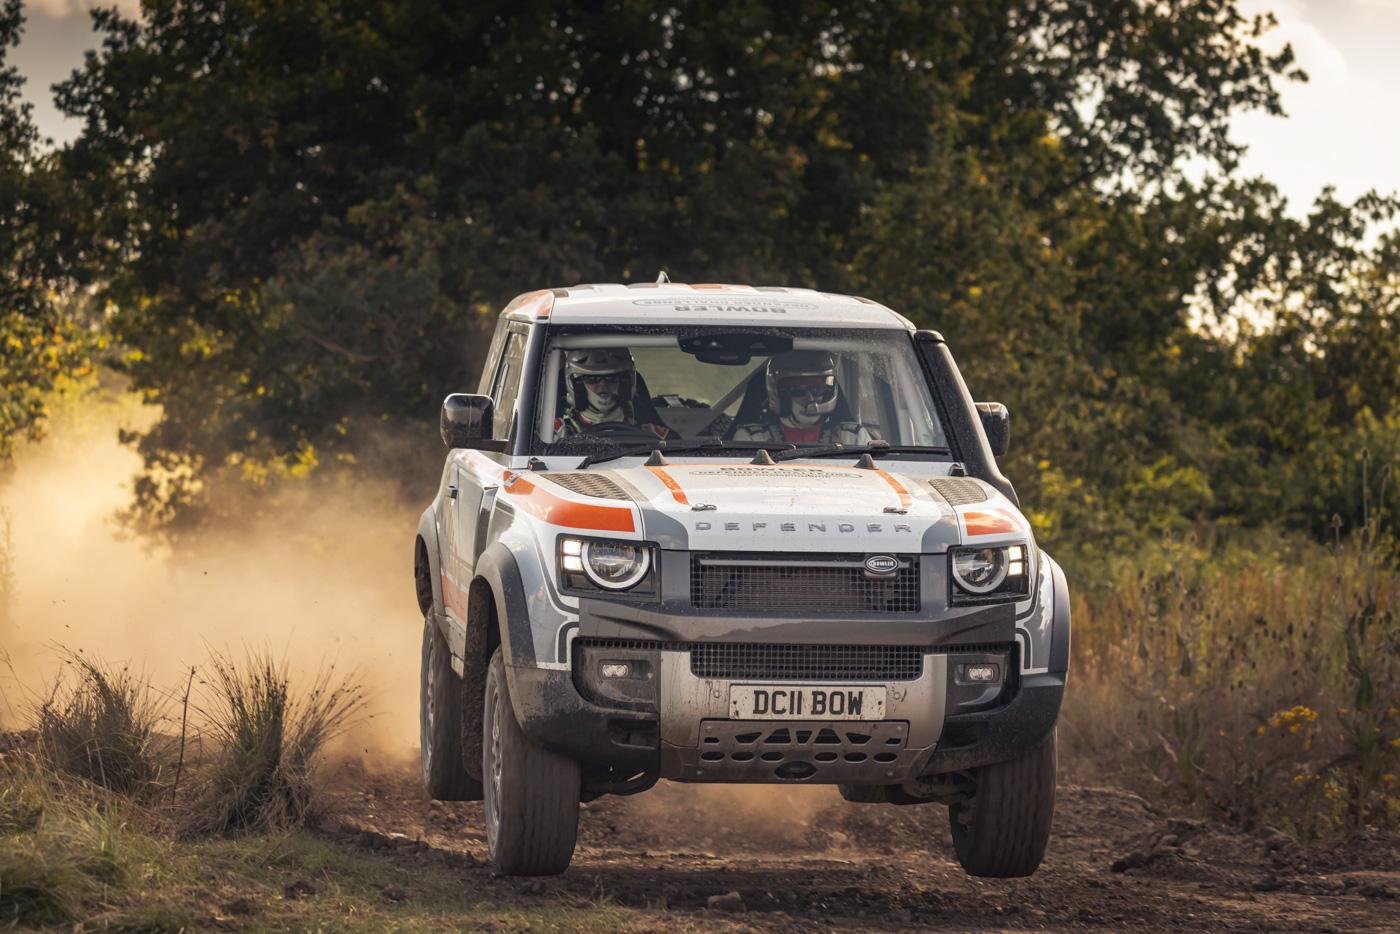 Land-Rover-hợp-tác-cùng-Bowler-ra-mắt-phiên-bản-đua-địa-hình-của-Defender-11.jpg